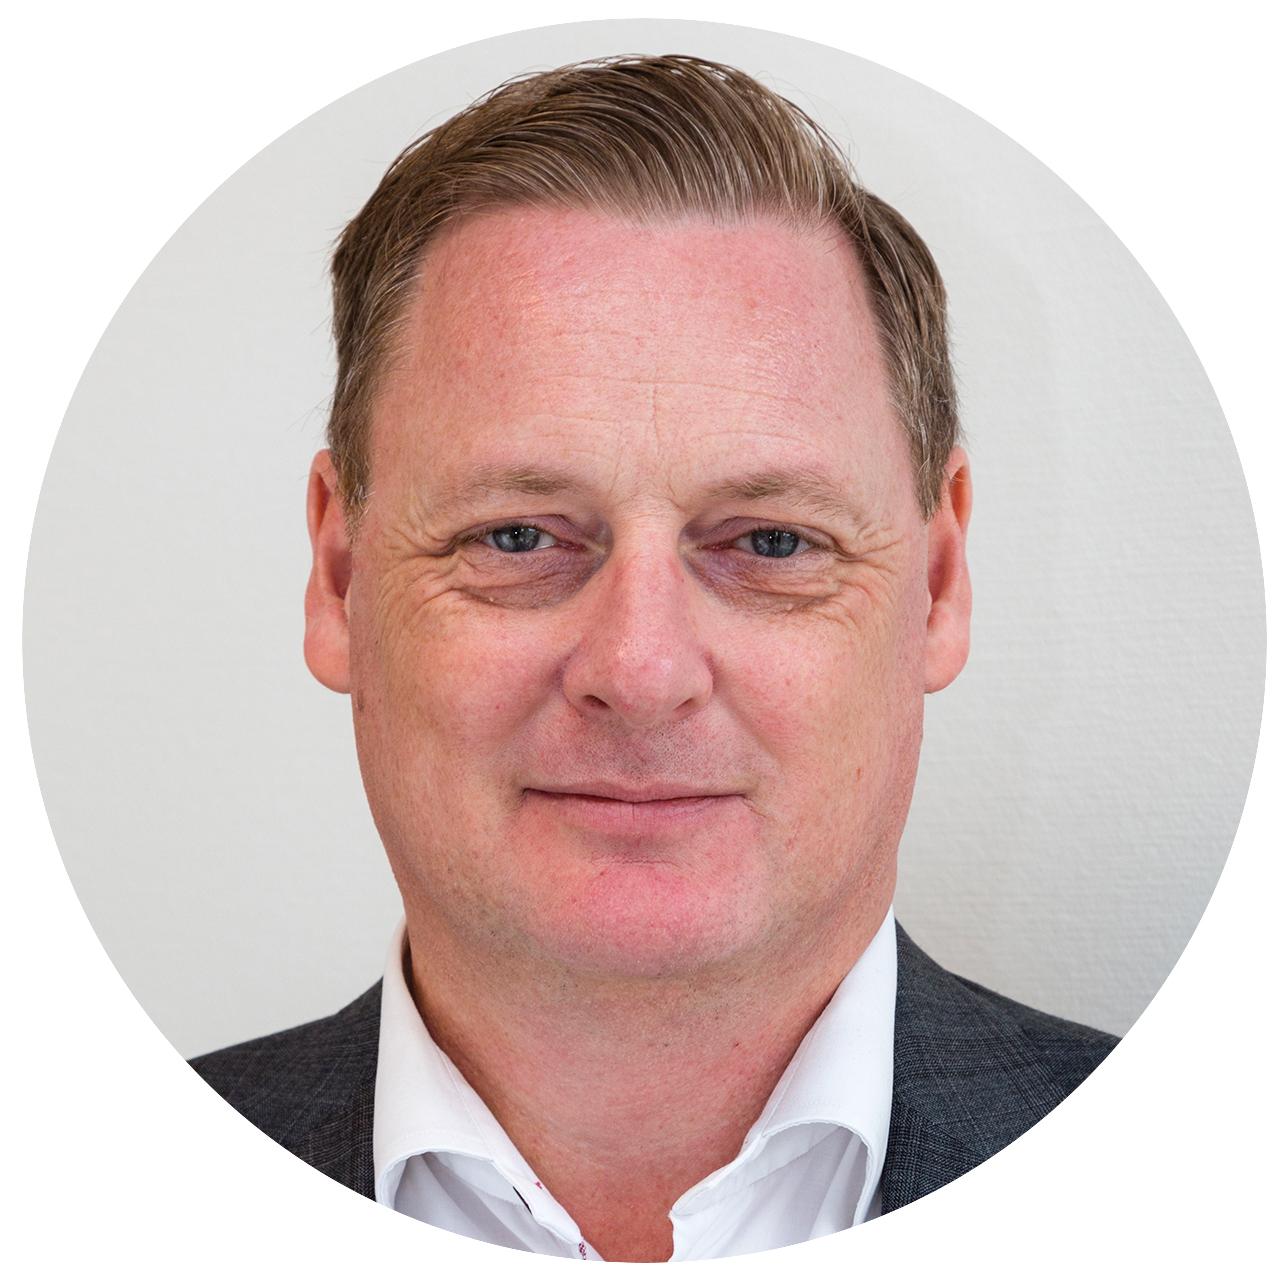 Stefan Dahlgren